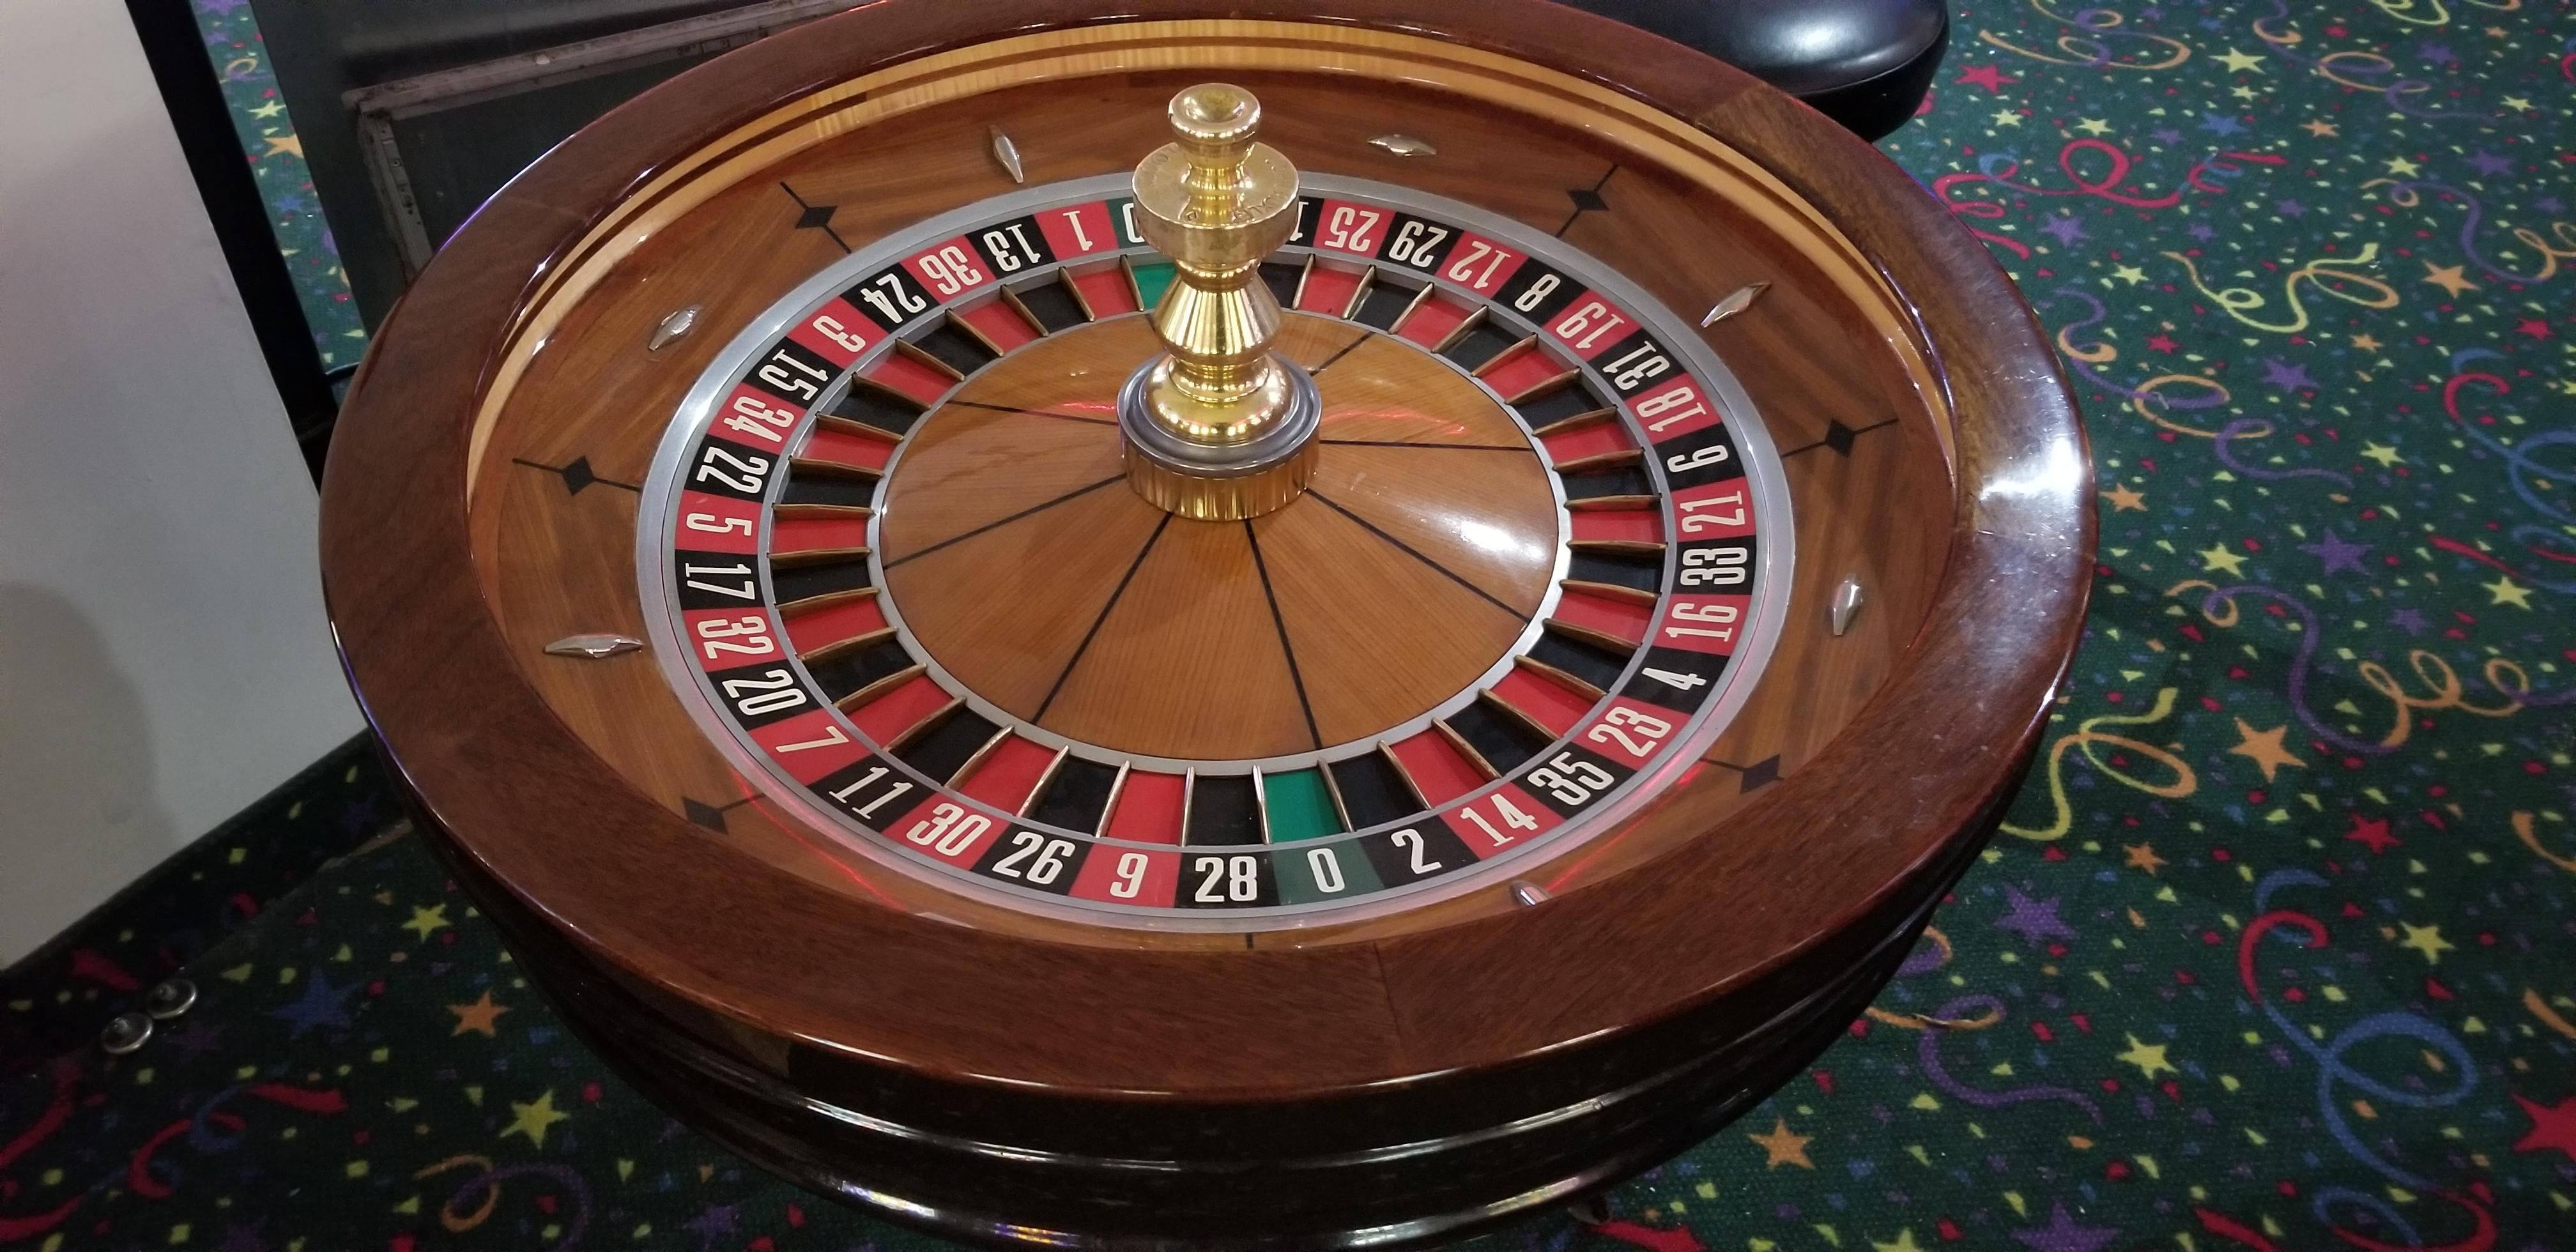 Borgata sports betting